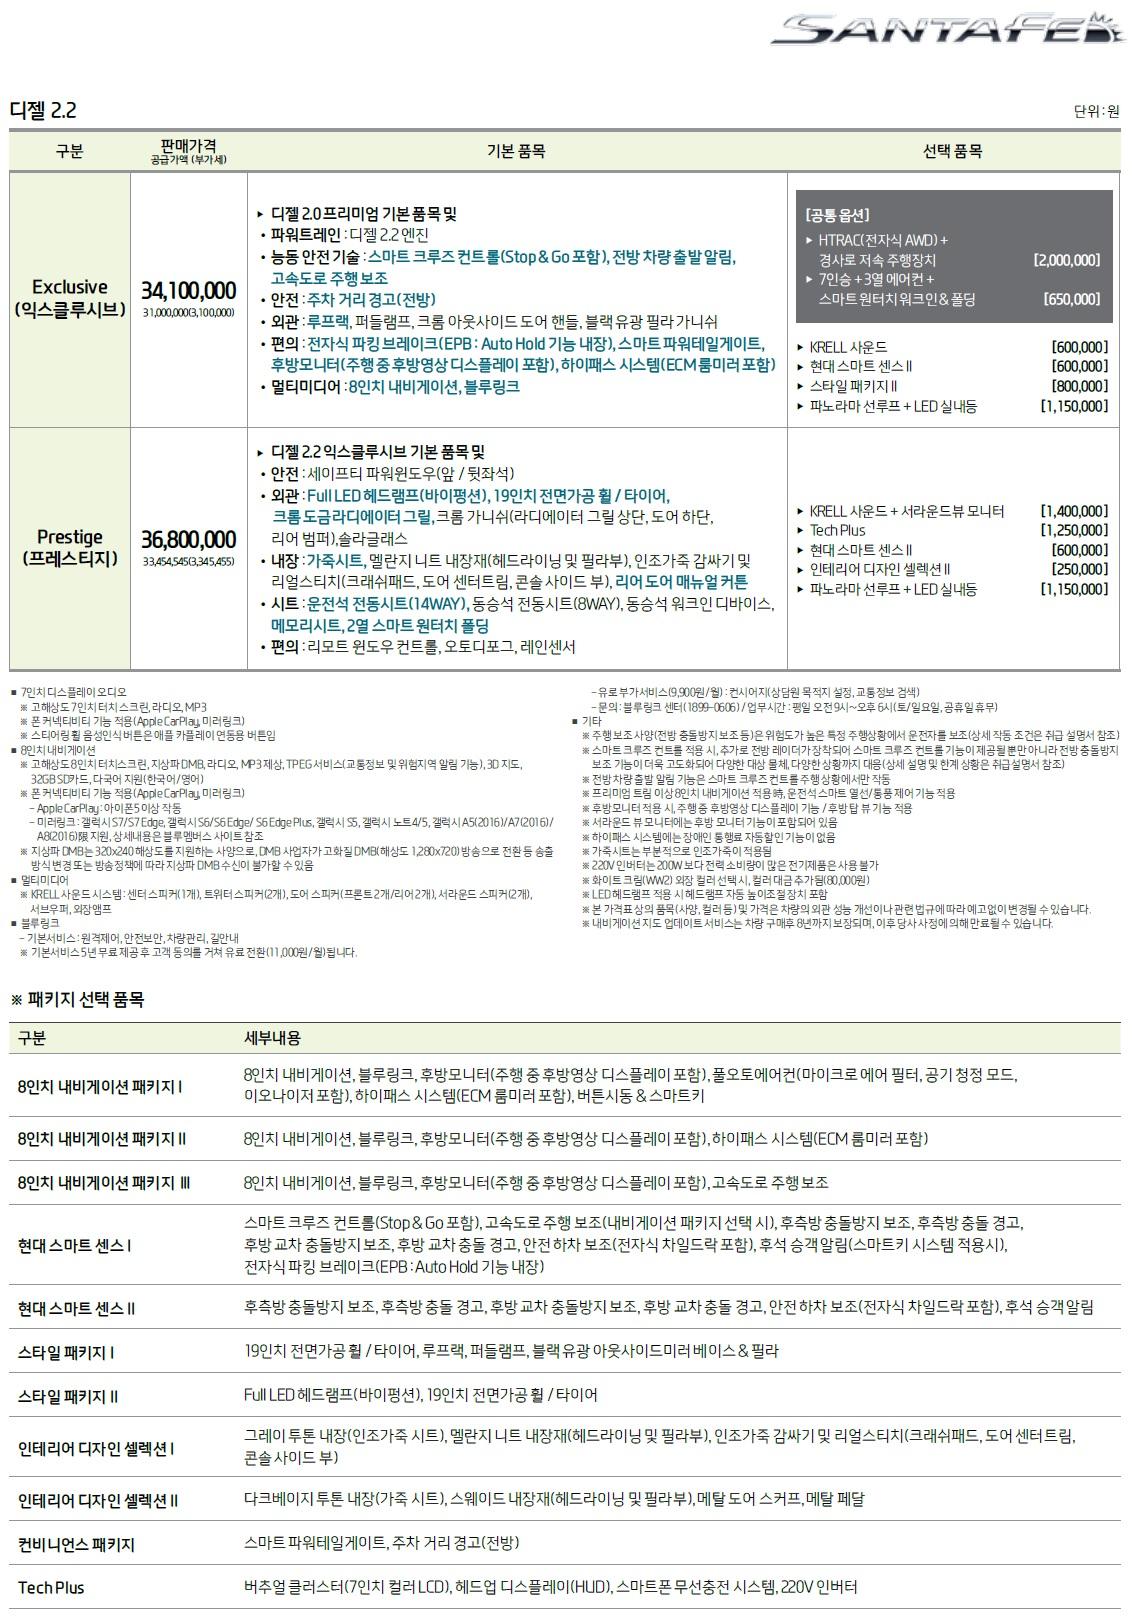 싼타페TM 가격표 - 2018년 02월 -2.jpg